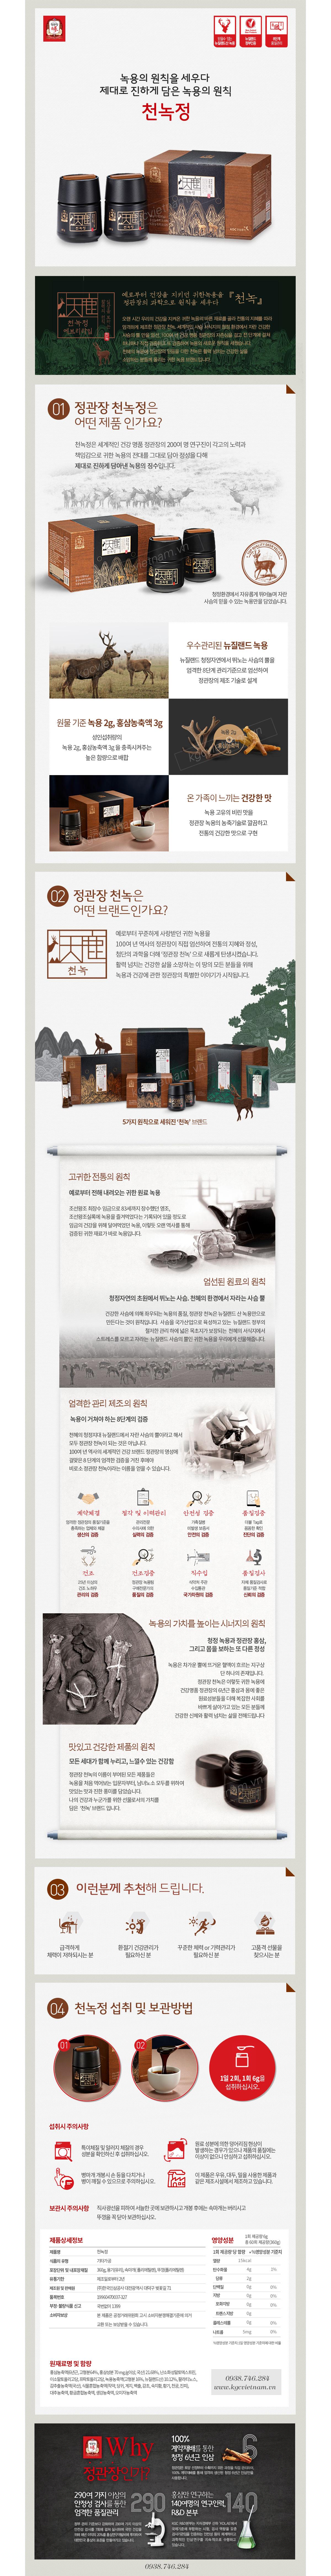 Cao Hồng Sâm Nhung Hươu Chính Phủ KGC Hàn Quốc 180g x 2 lọ